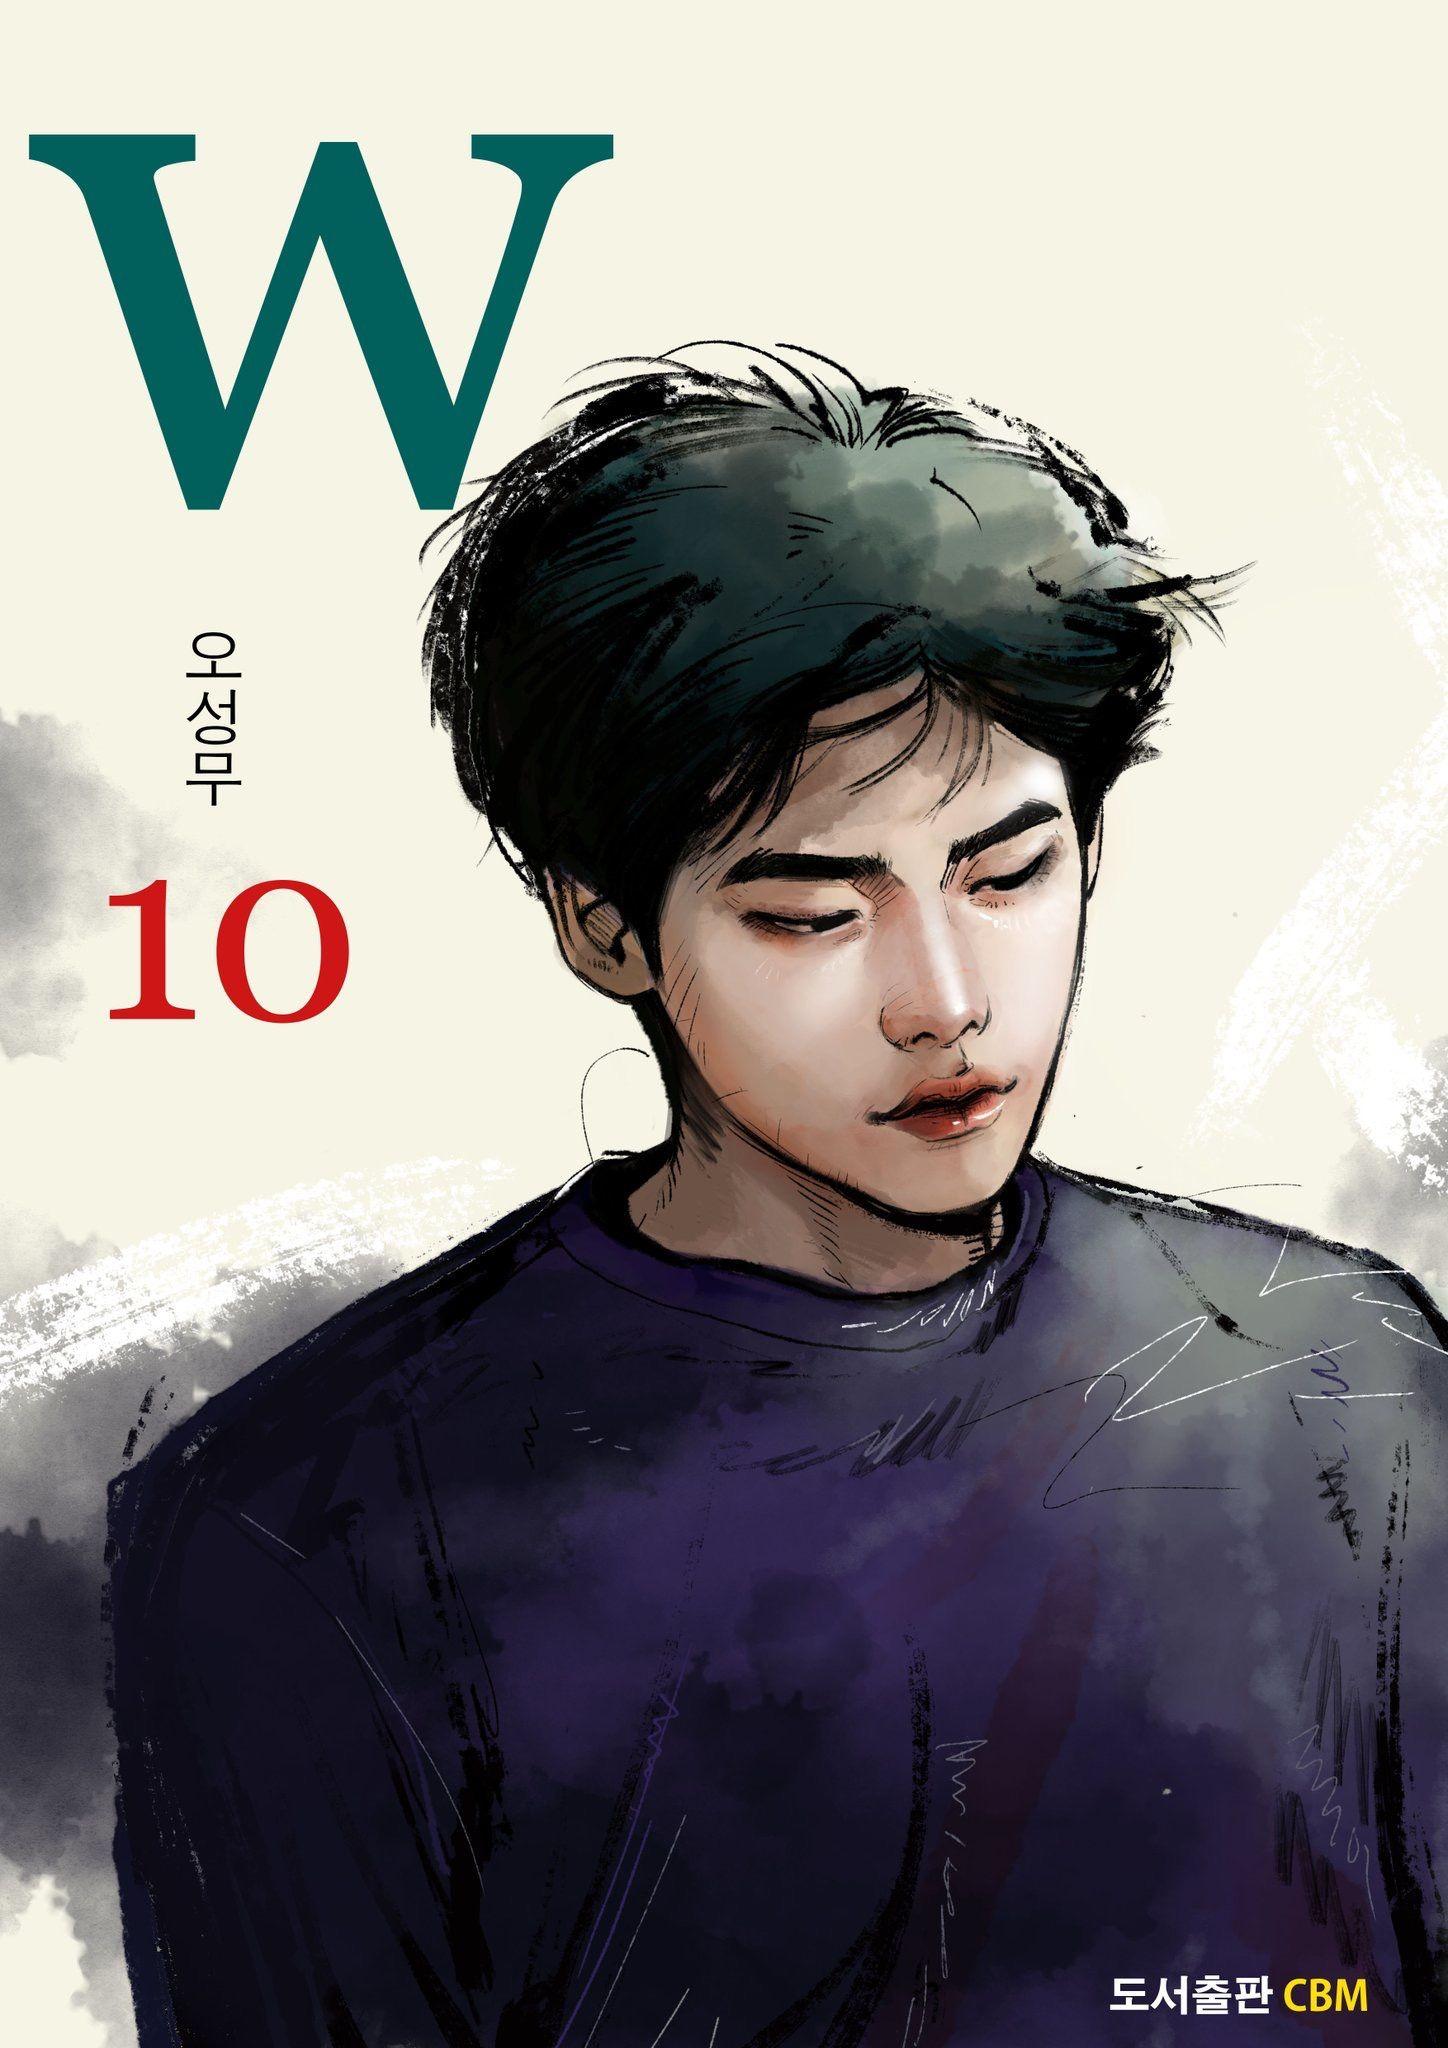 ❤❤ 이종석 Lee Jong Suk    one beautiful face ♡♡ WBook#10